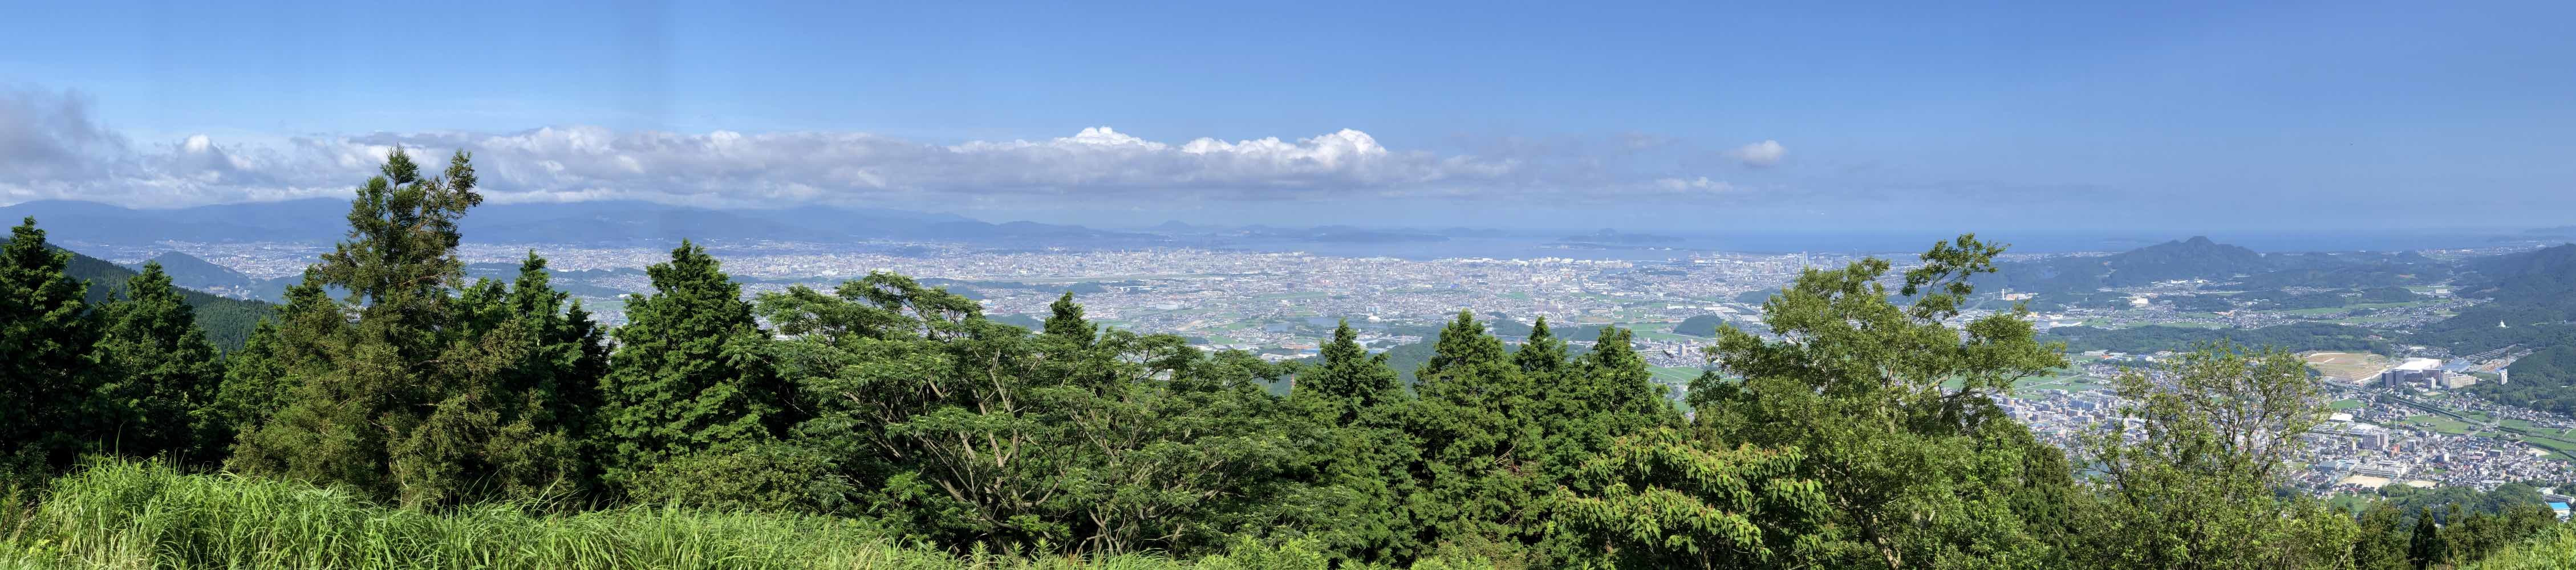 米の山展望台より_b0023047_03394530.jpg